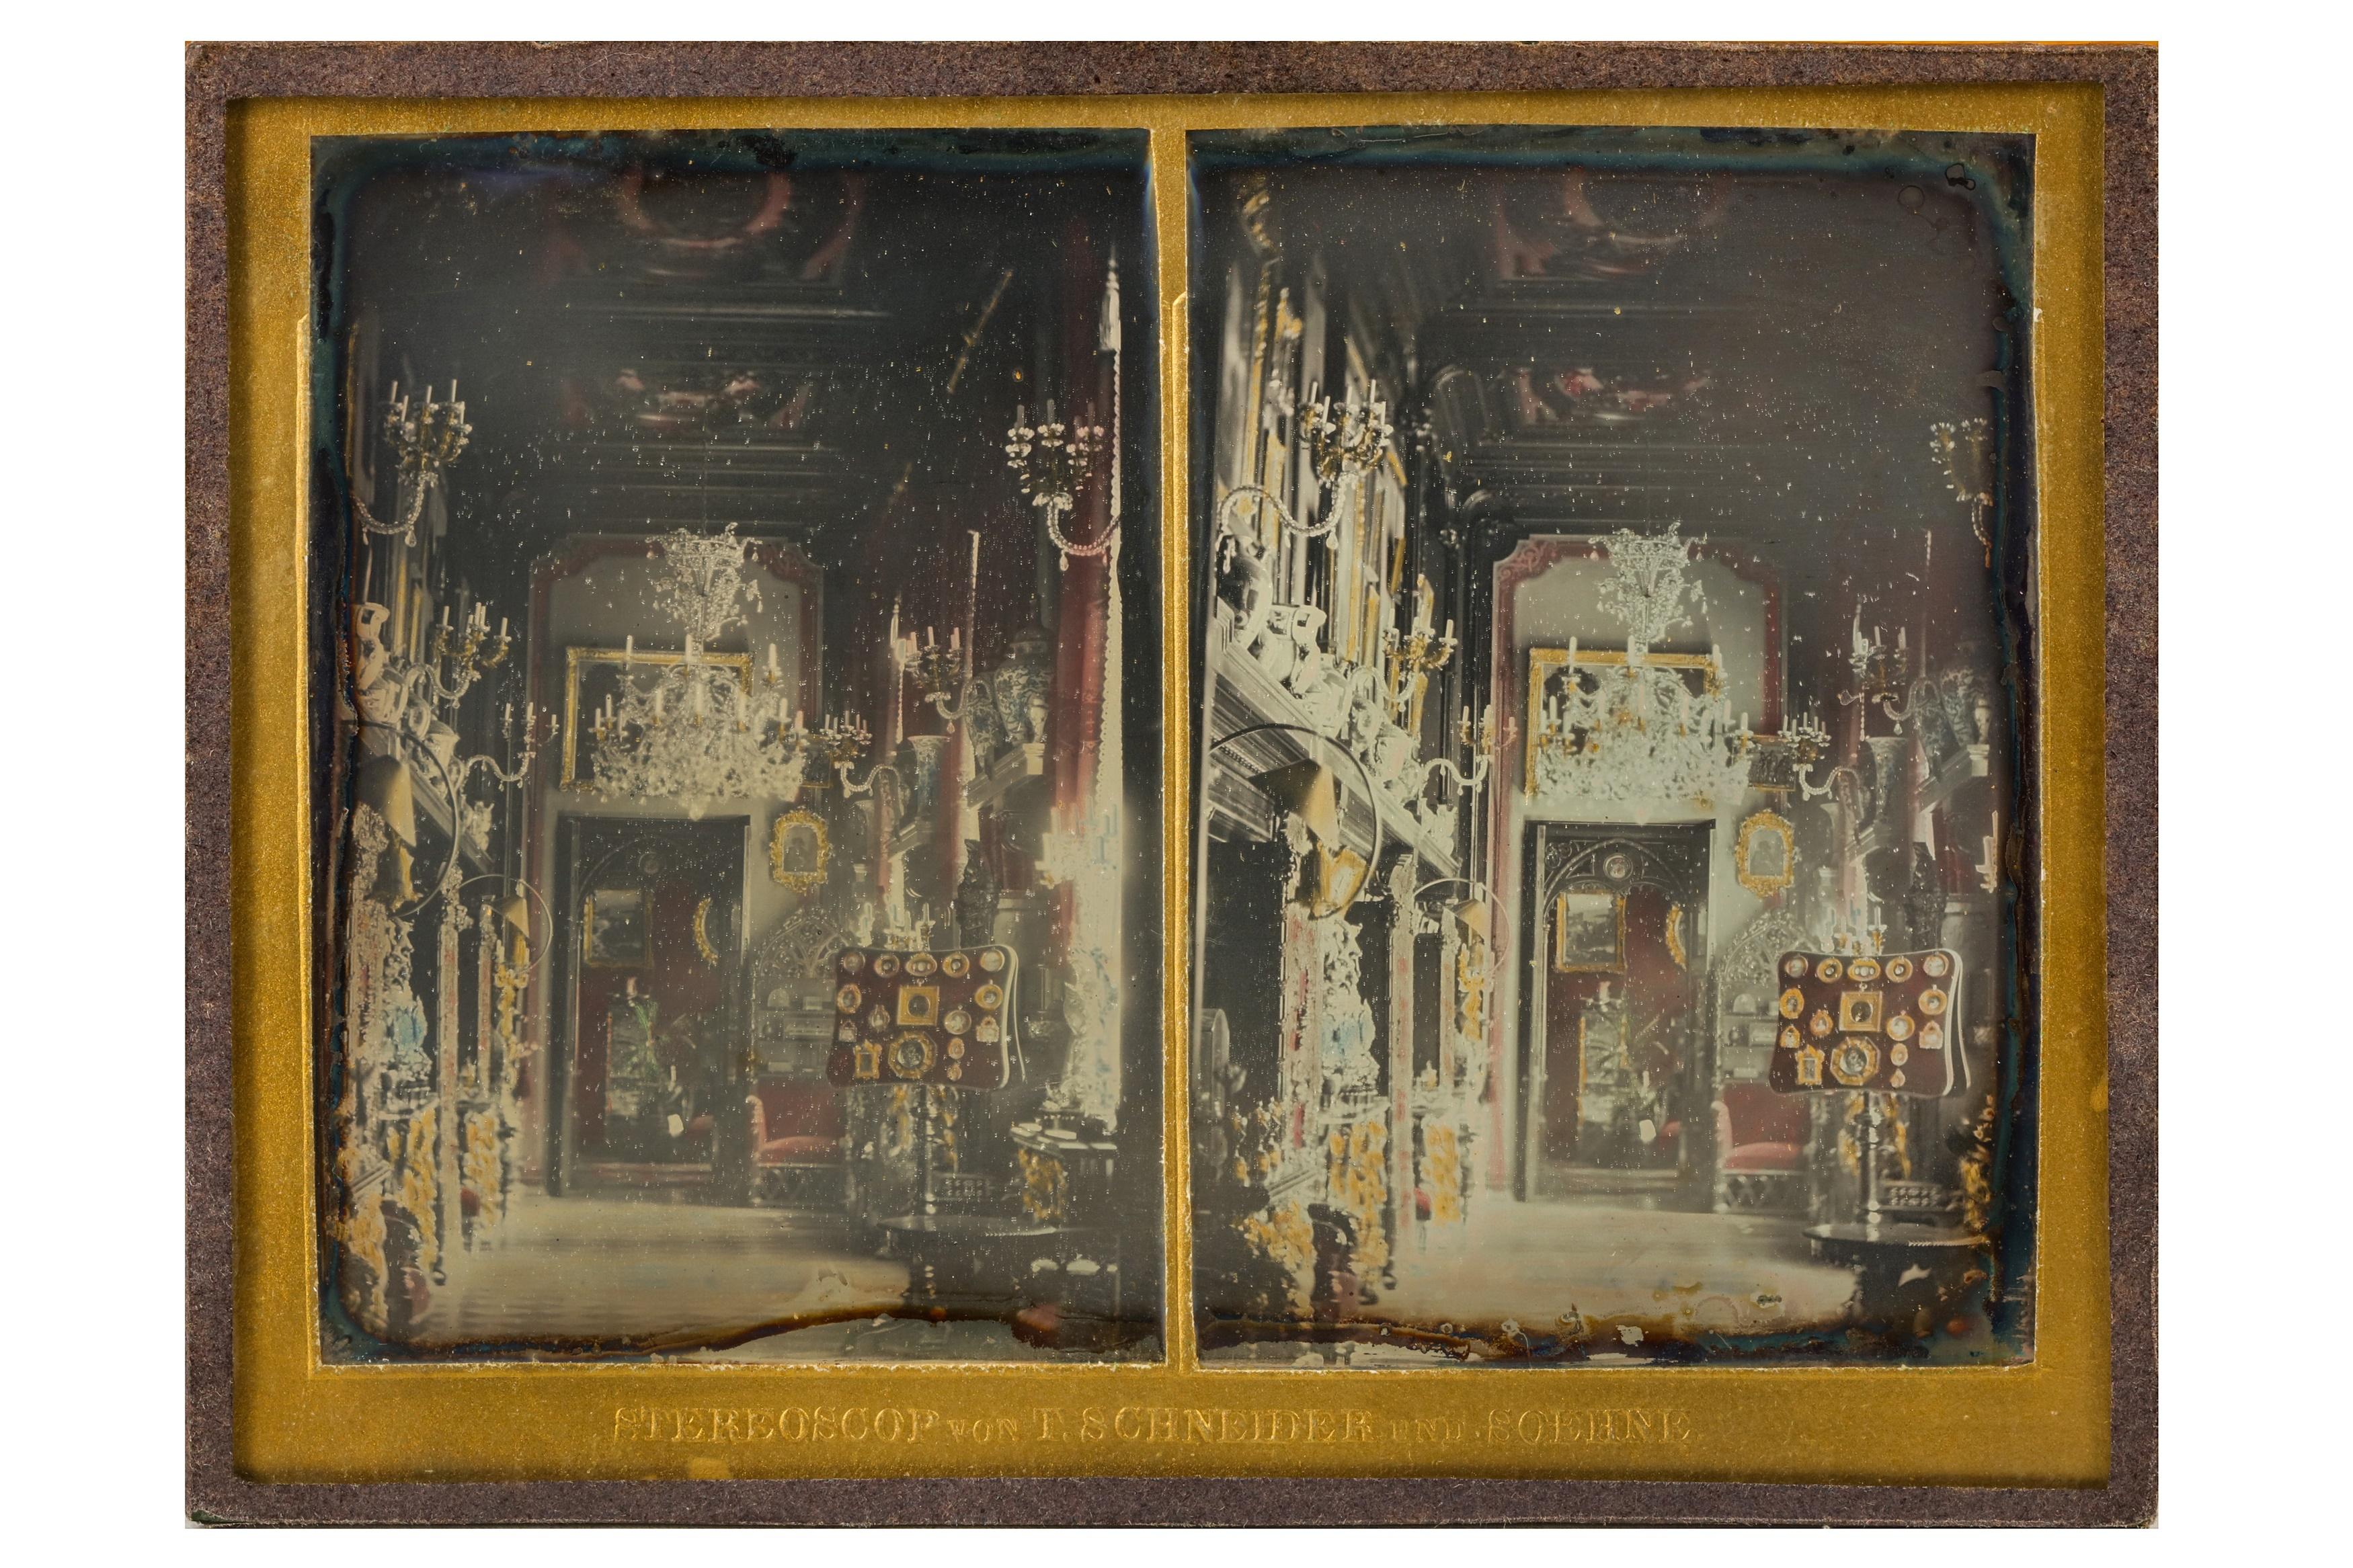 T. SCHNEIDER & SONS (1847-1921) - Image 19 of 22